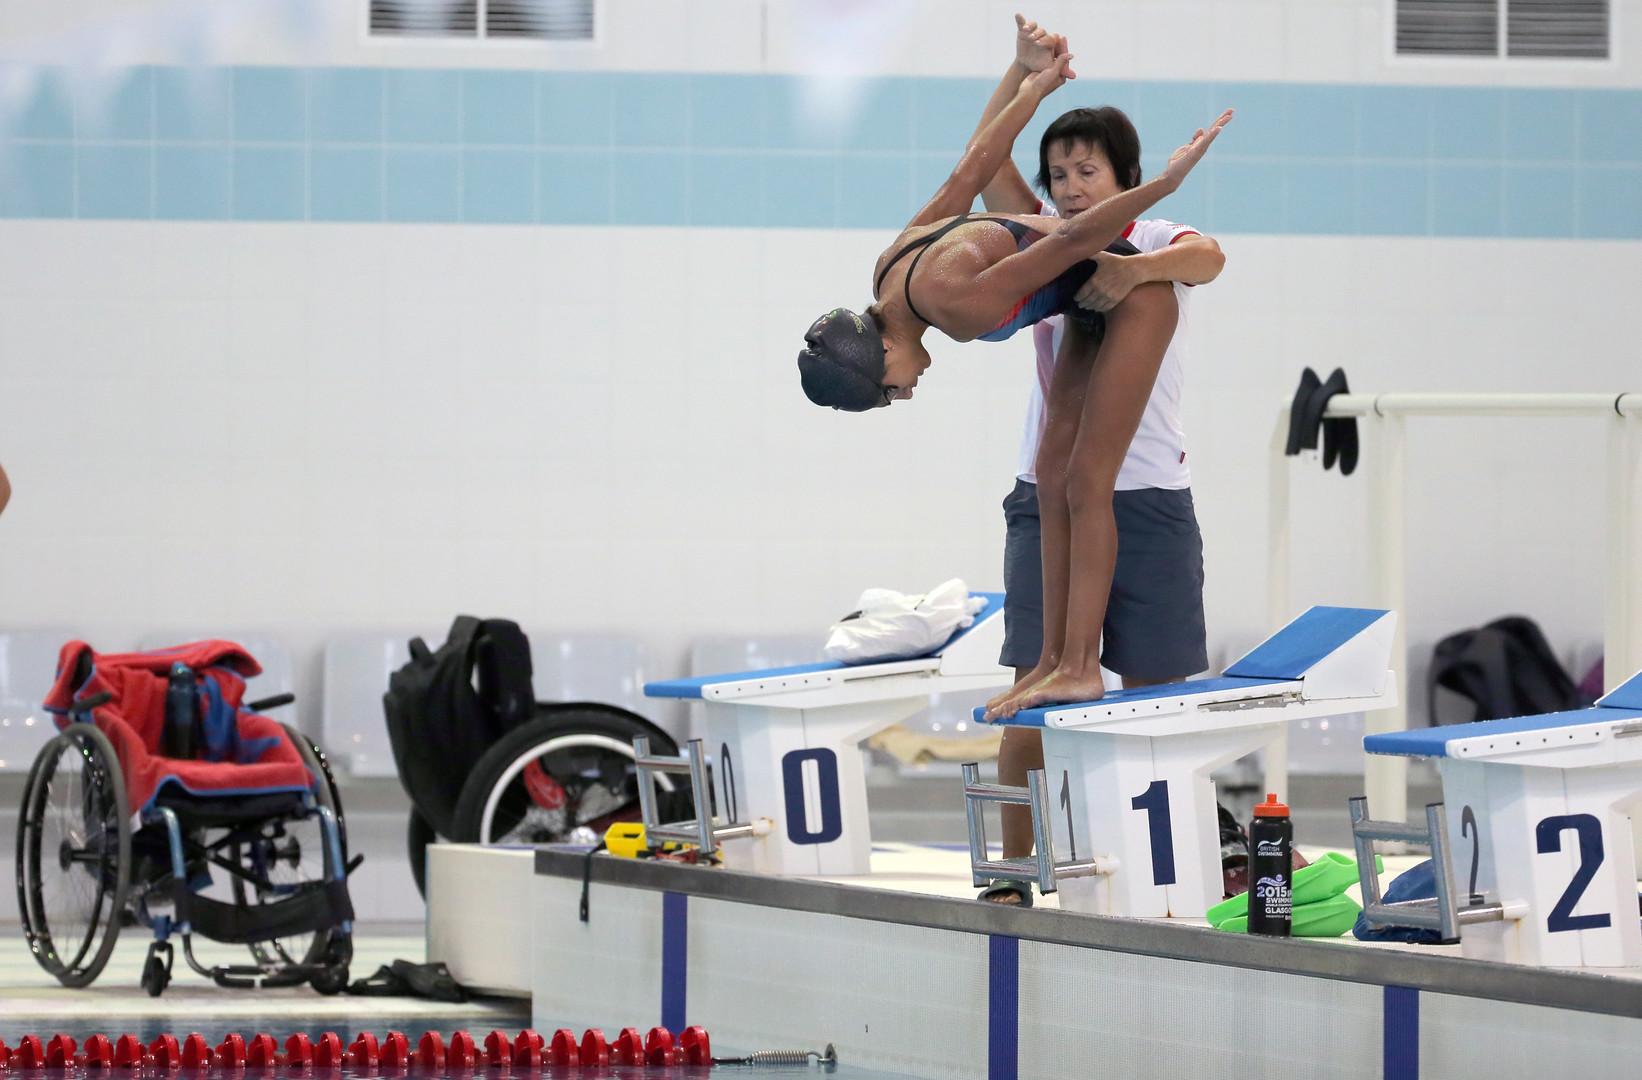 """Schwimmerin Ani Paljan und ihre Trainerin Marina Leskowskaja """"In dem Moment, als in den Nachrichten gesagt wurde, dass die russische Auswahl disqualifiziert ist, war ich ehrlich gesagt schockiert. Das ist sehr schmerzhaft. Wir haben nichts verbrochen"""", so Ani Paljan."""